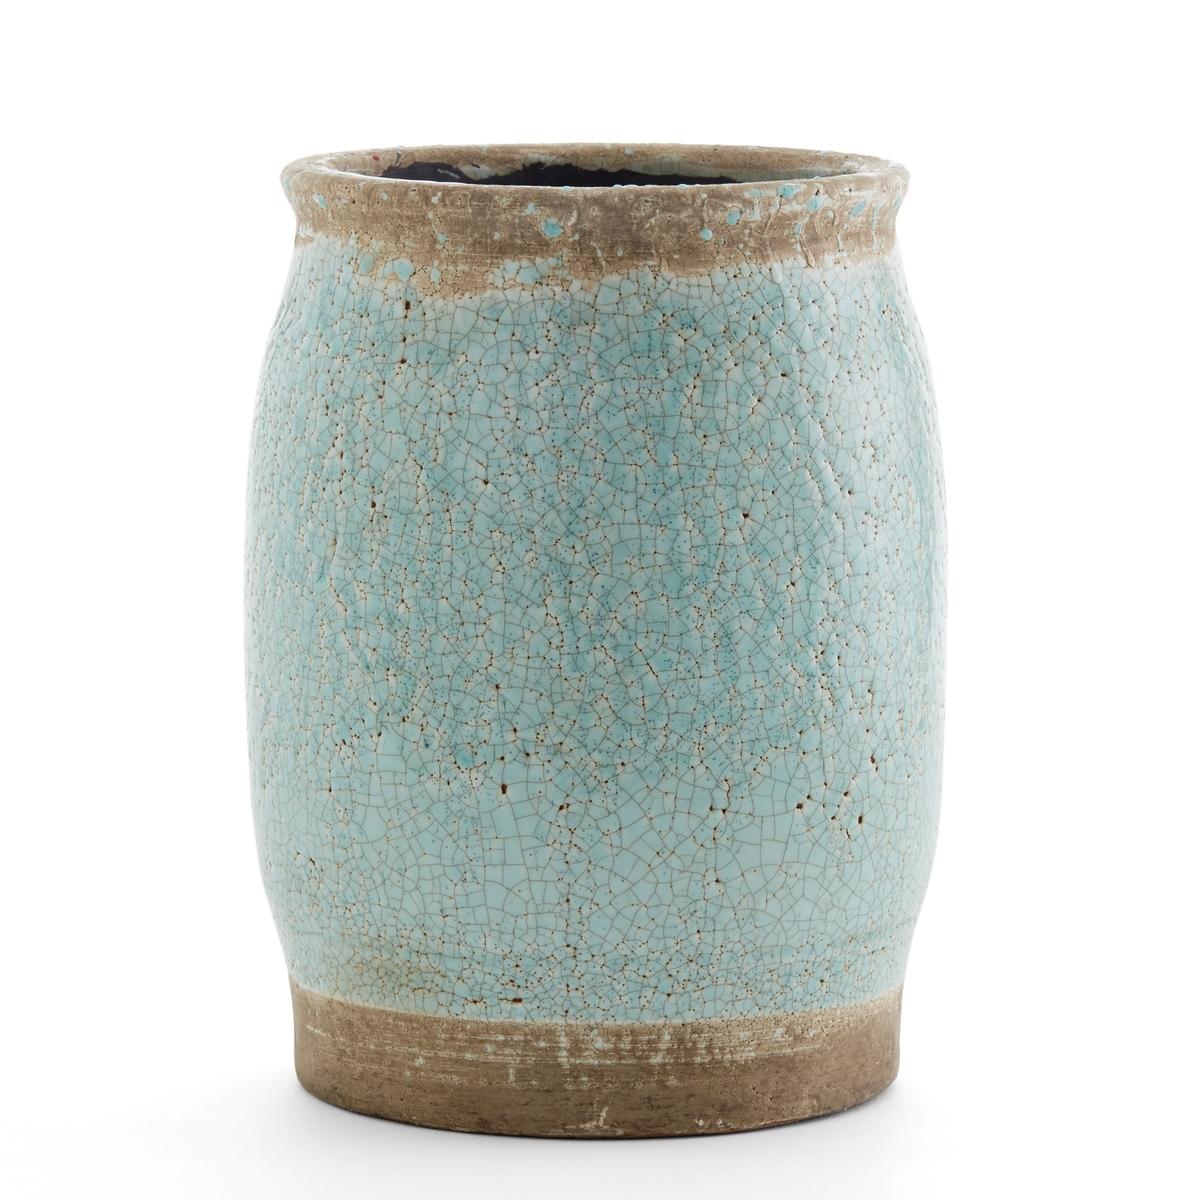 Кашпо из керамики, В30 см, EuphylliaКашпо Euphyllia. Идеальное кашпо, чтобы подчеркнуть ваши растения. Из керамики, покрытой глазурью, отделка в виде сети трещин. Размеры: ? 22 x В30 см.<br><br>Цвет: голубой